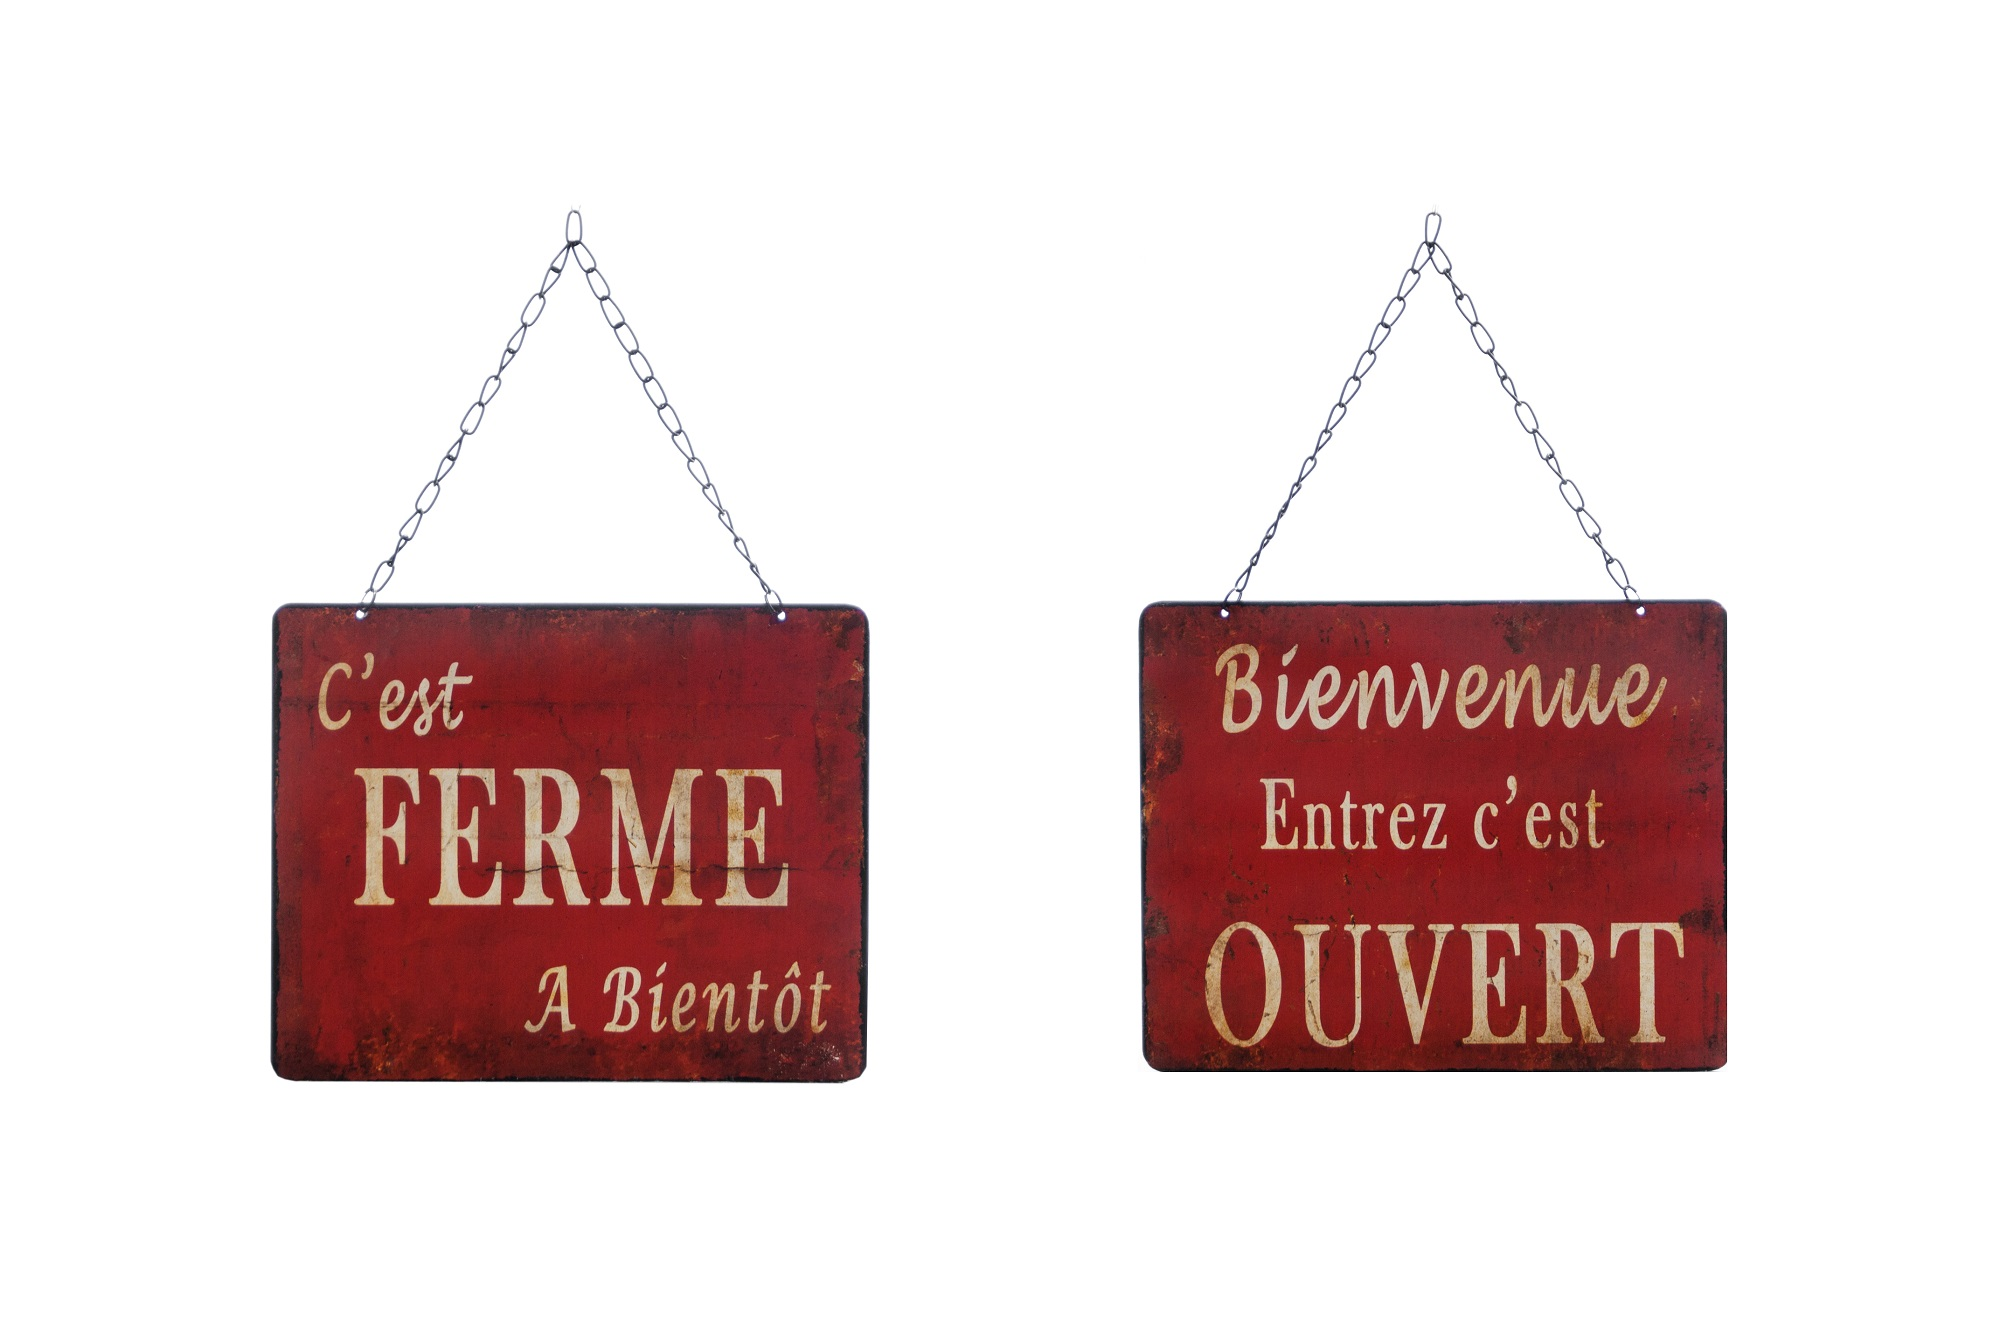 Табличка Ouvert-FermeДругое<br><br><br>Material: Железо<br>Length см: None<br>Width см: 27.5<br>Depth см: 5<br>Height см: 22